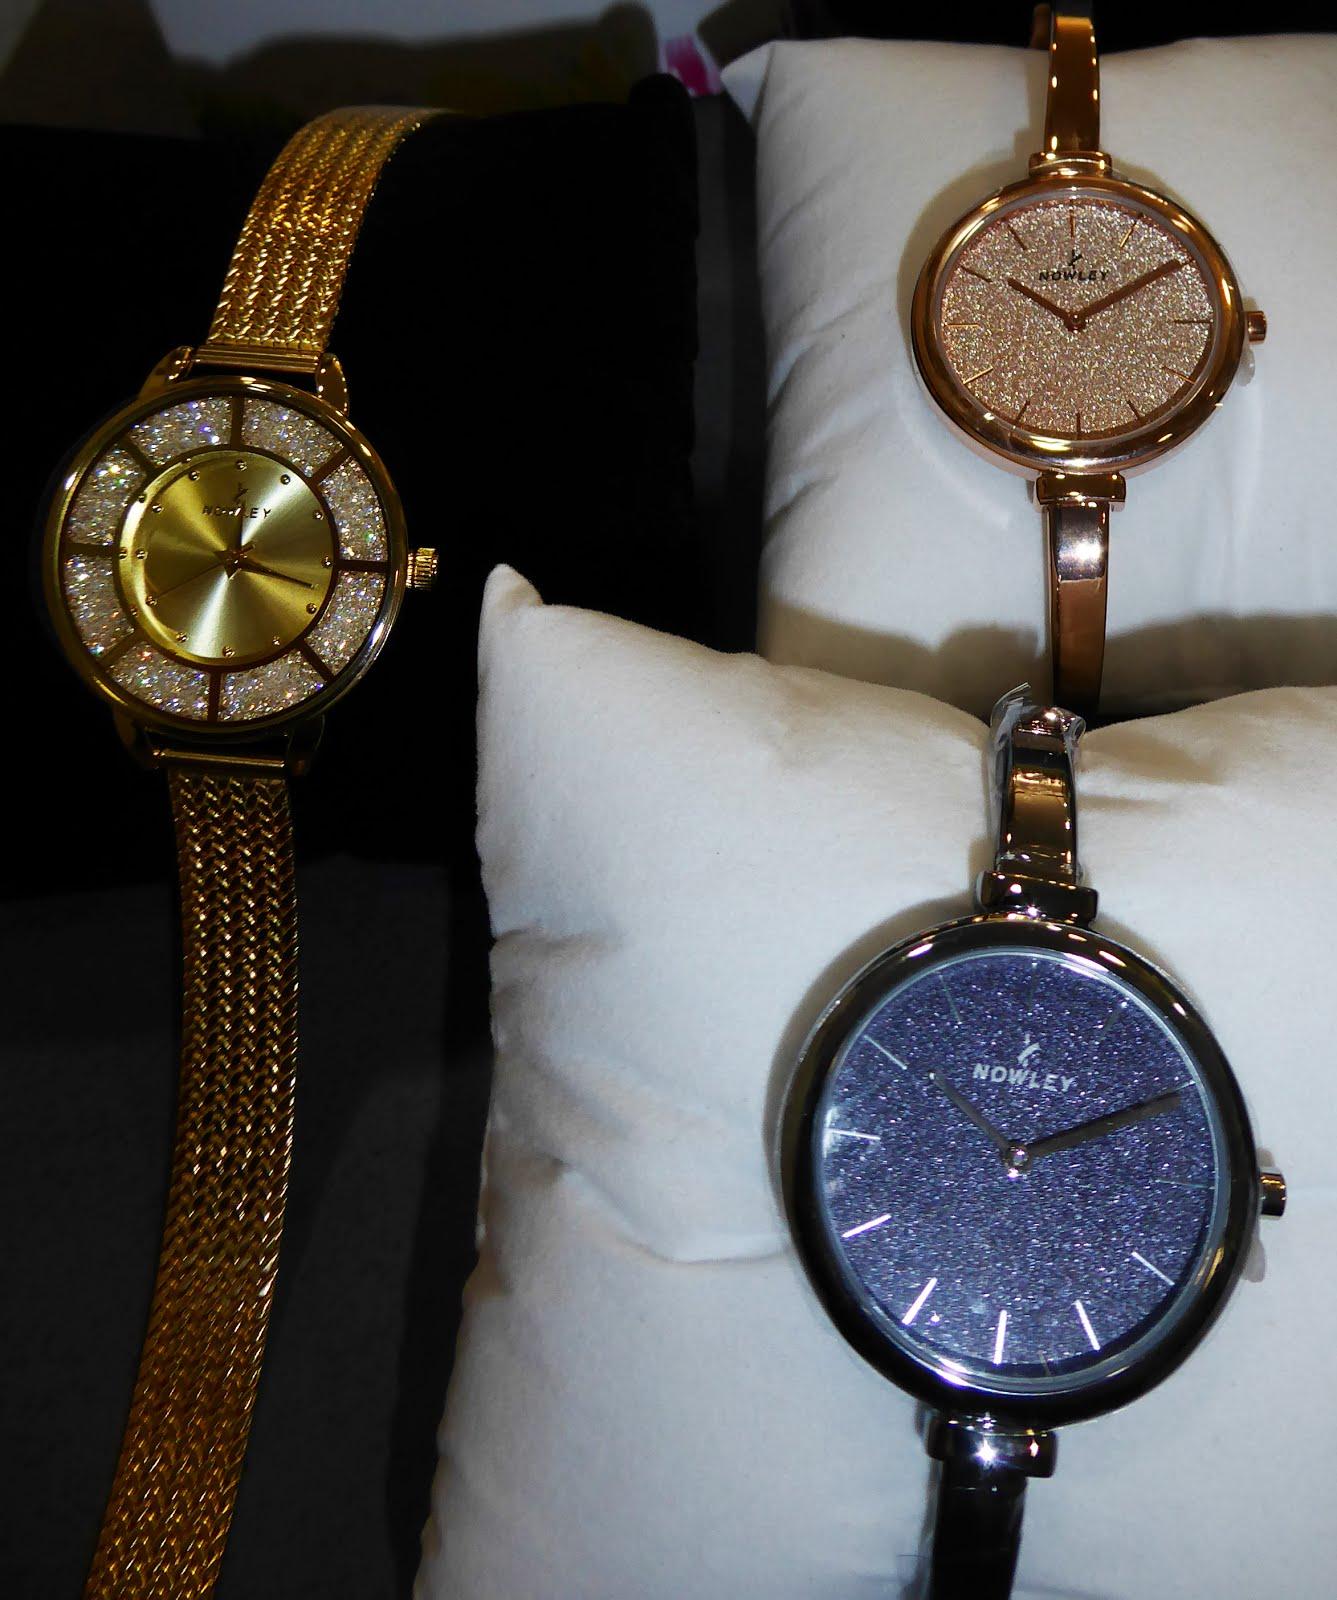 Relojes Nowley de chica